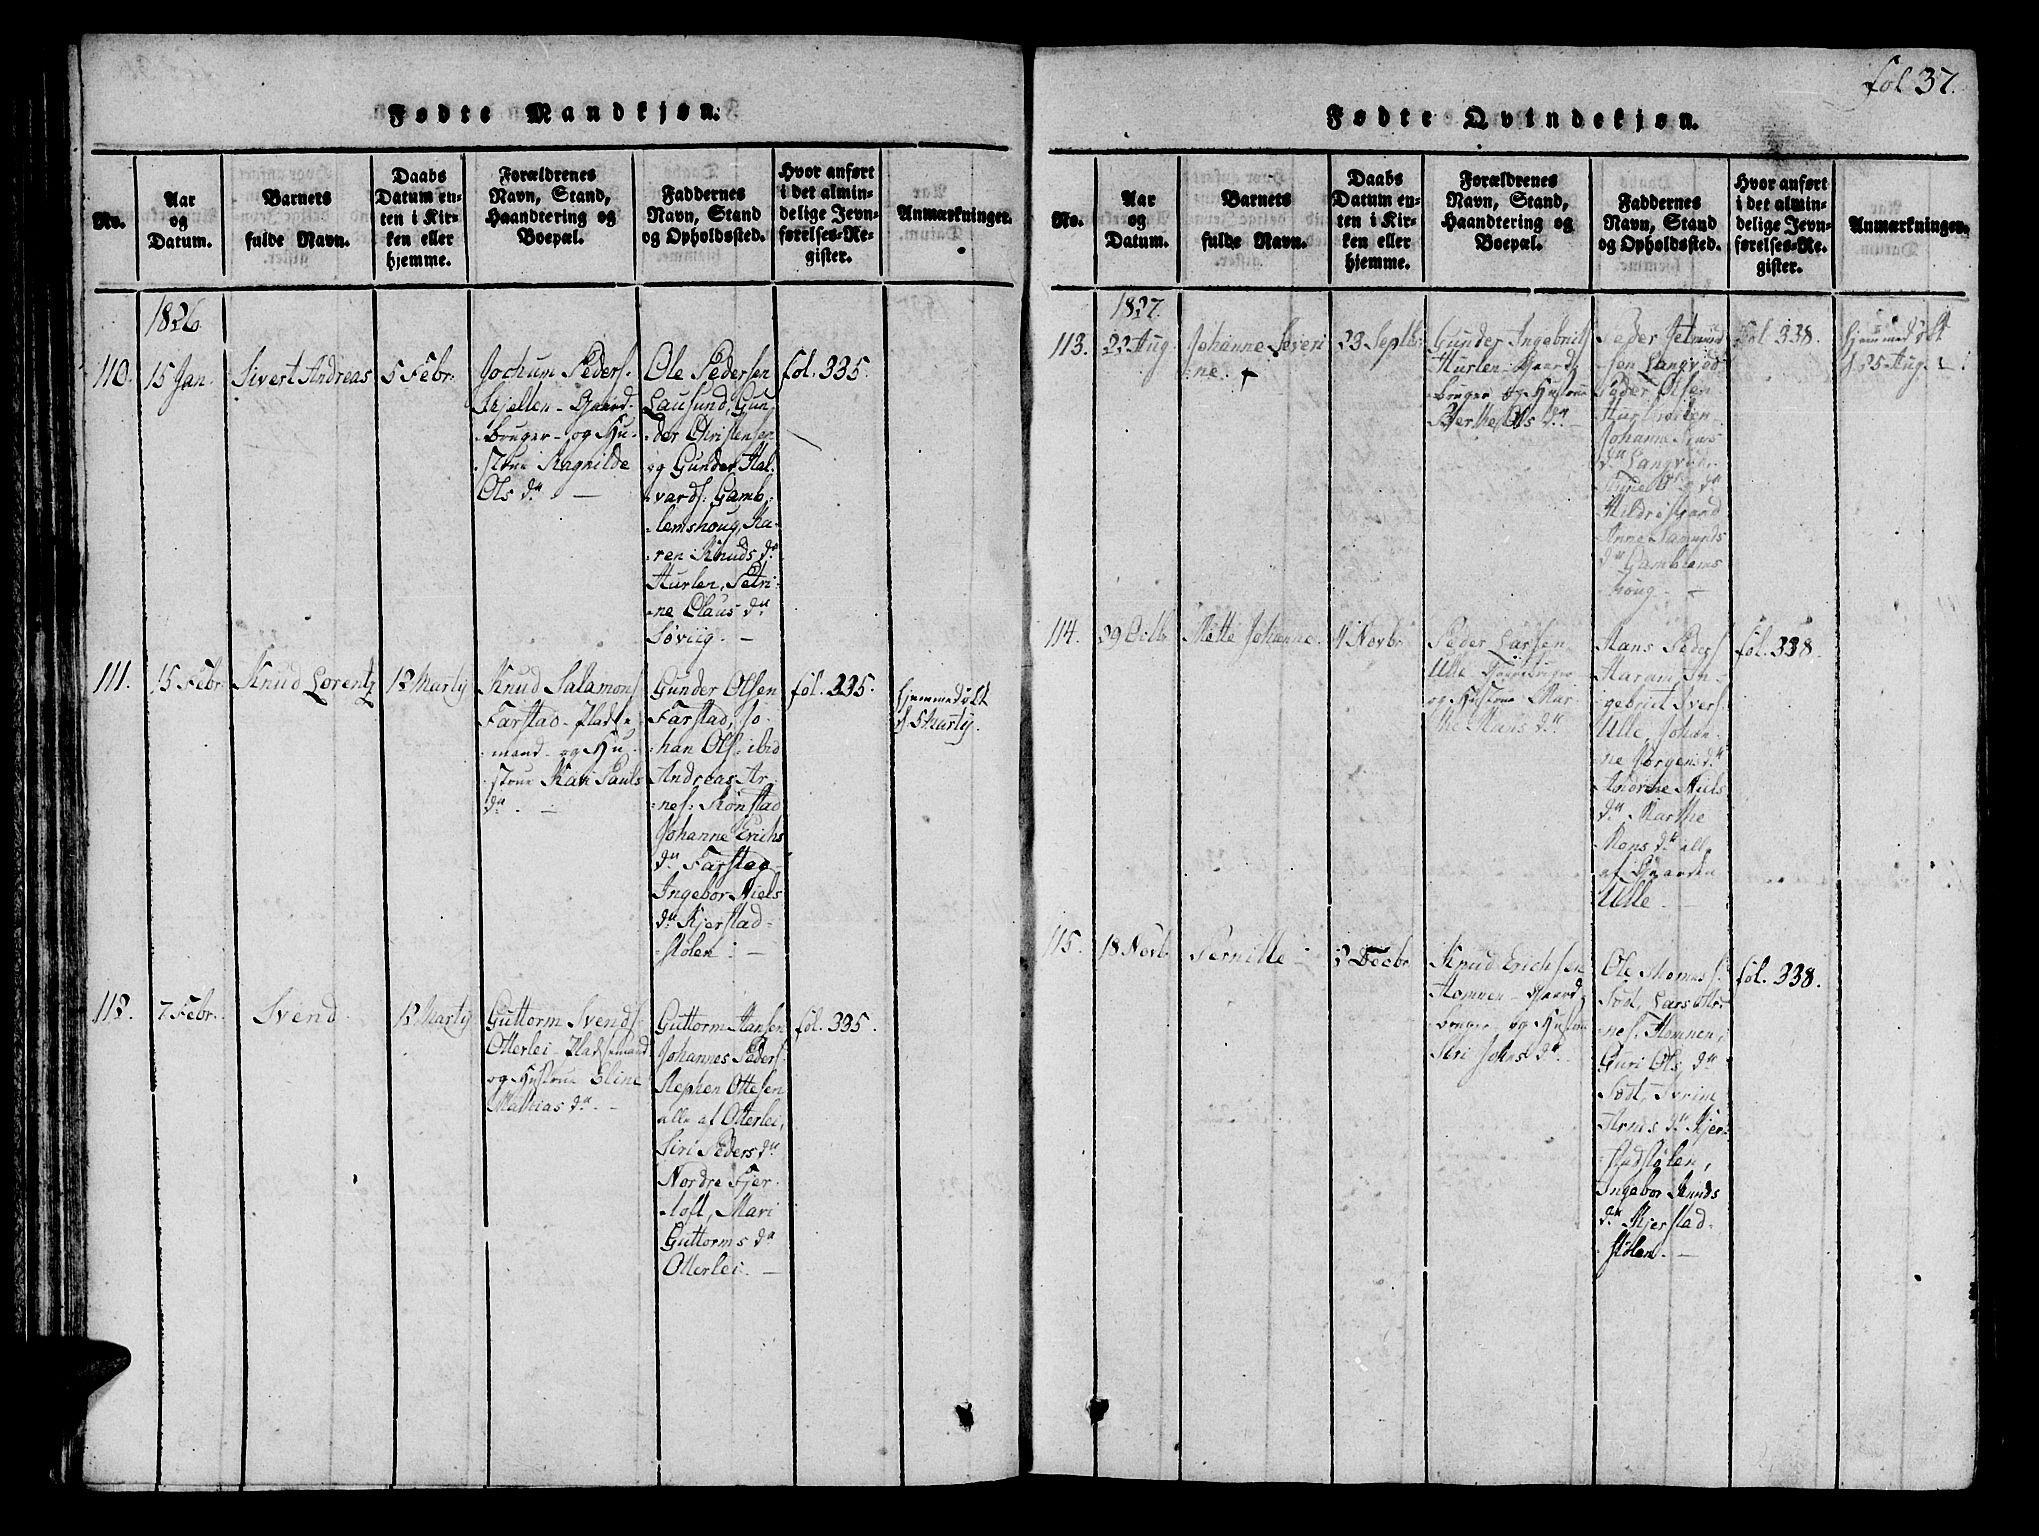 SAT, Ministerialprotokoller, klokkerbøker og fødselsregistre - Møre og Romsdal, 536/L0495: Ministerialbok nr. 536A04, 1818-1847, s. 37